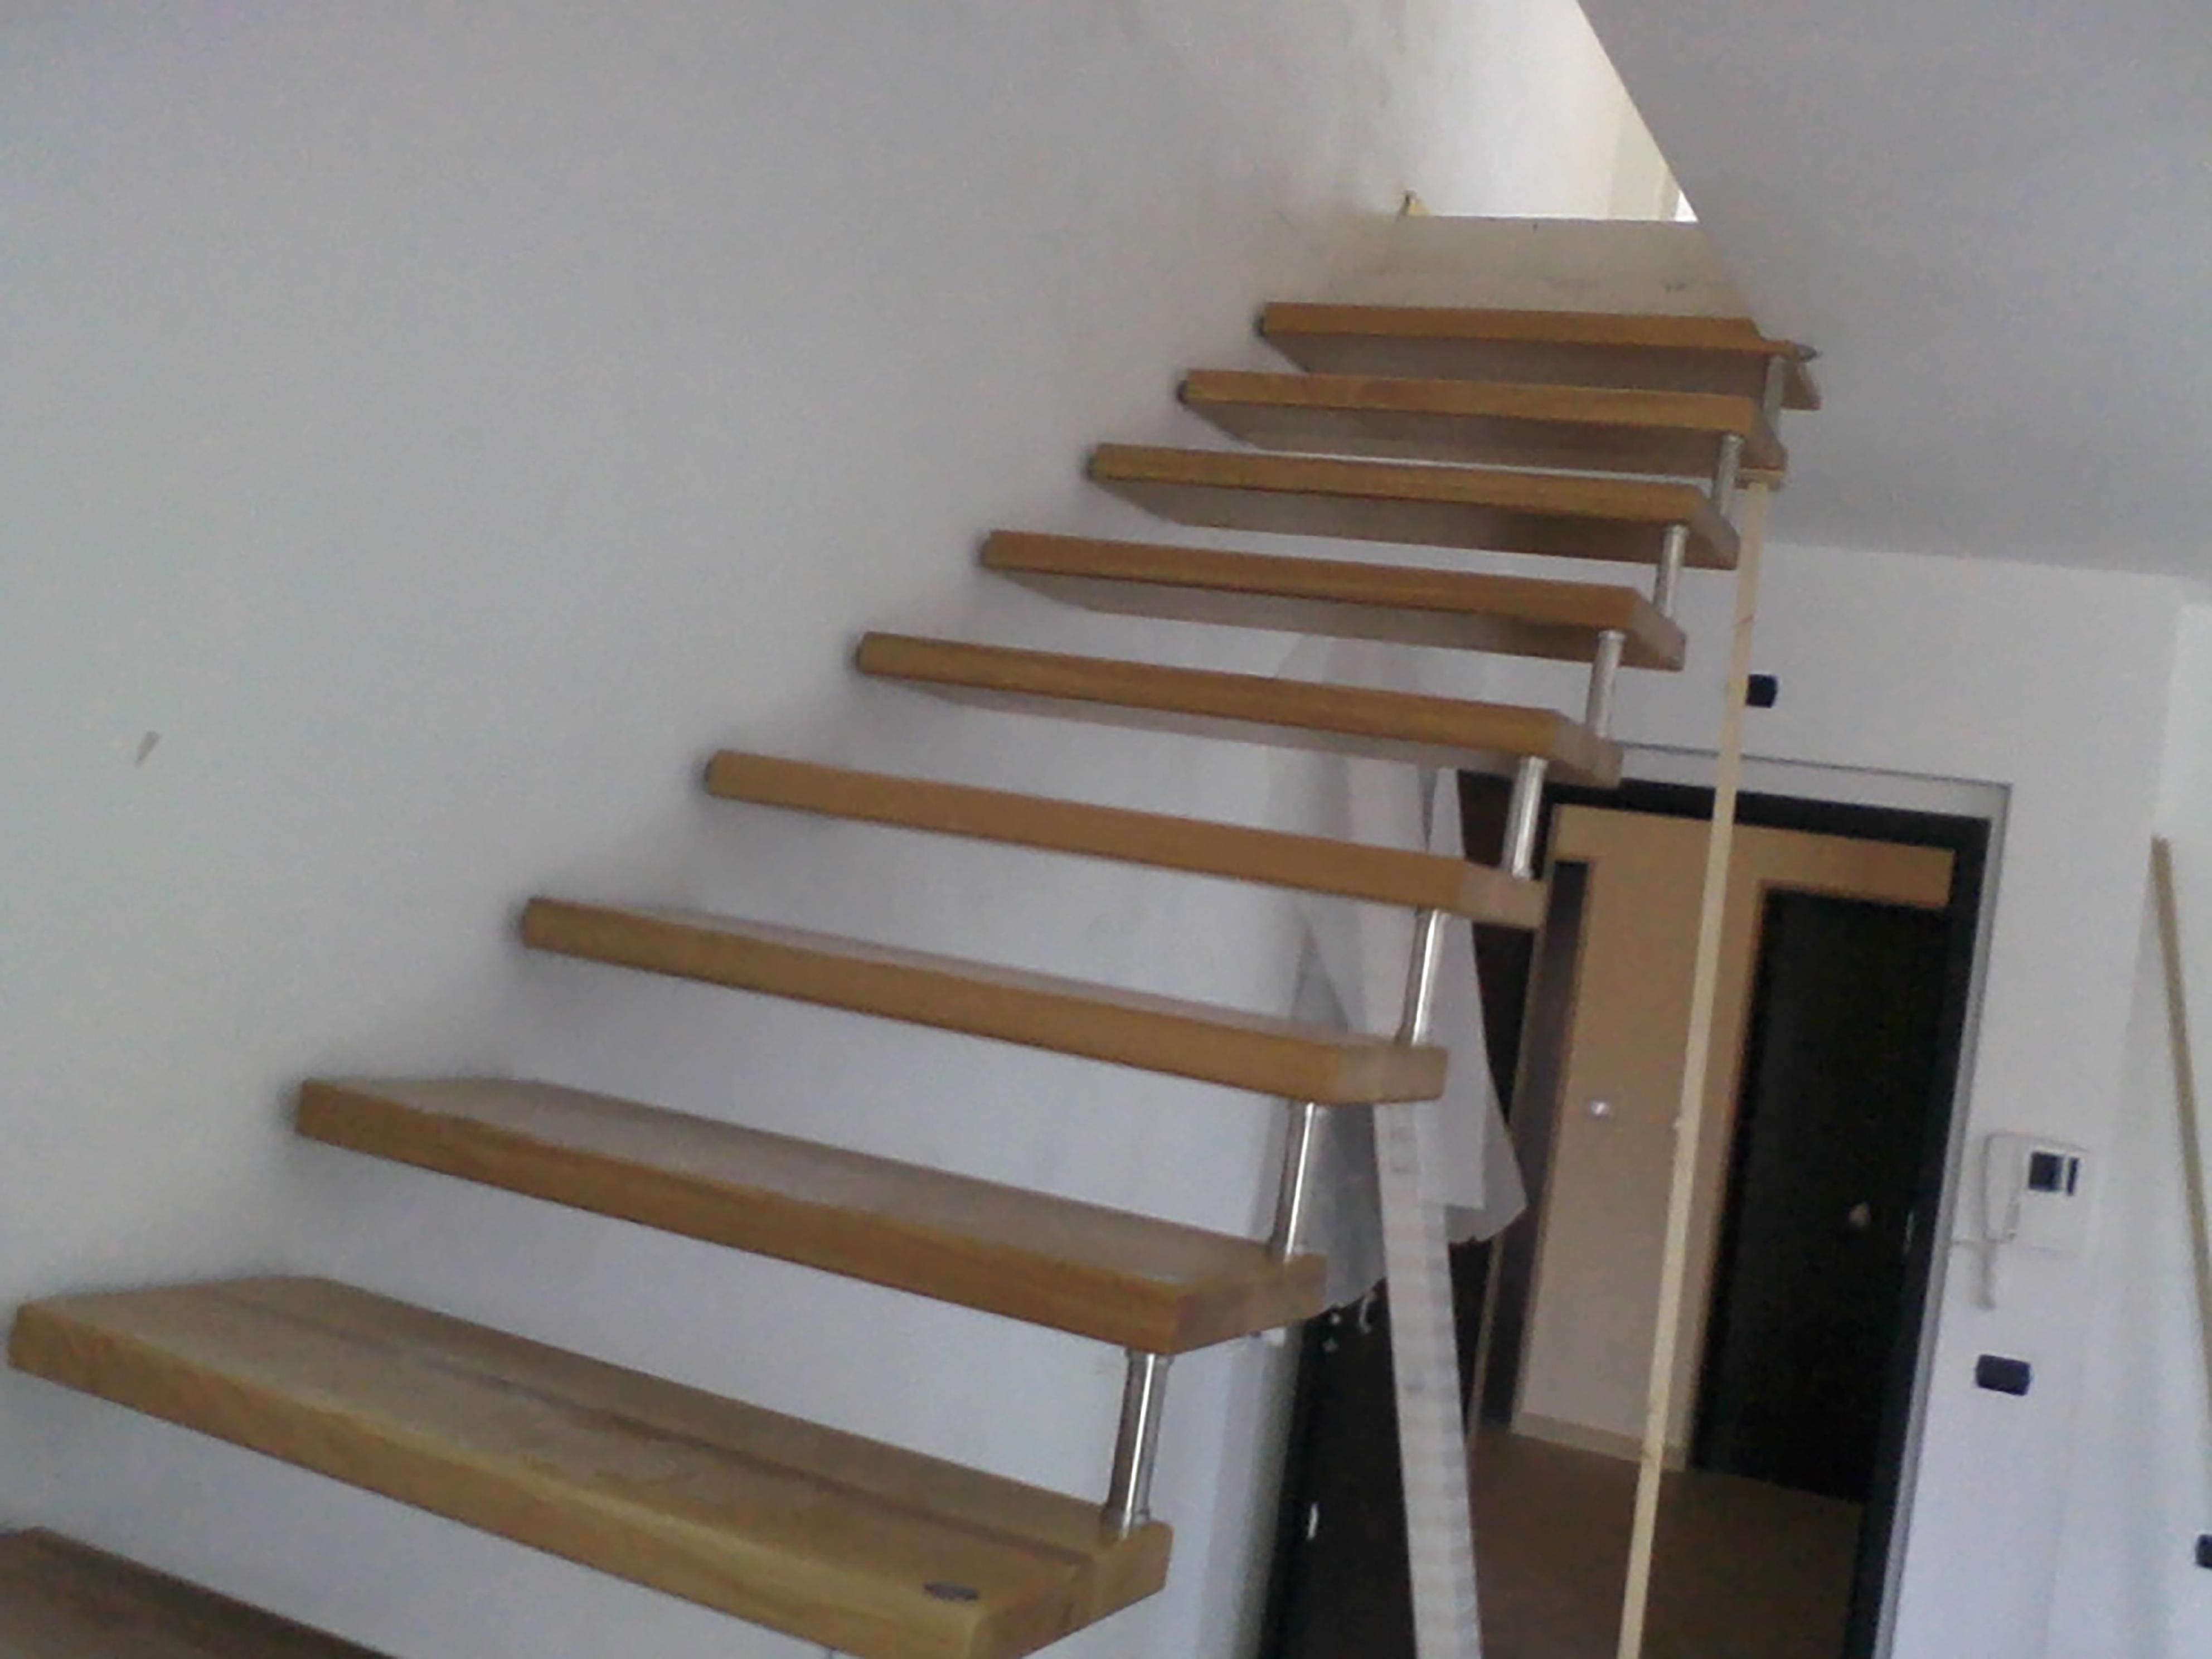 gradini scala in sospensione color legno